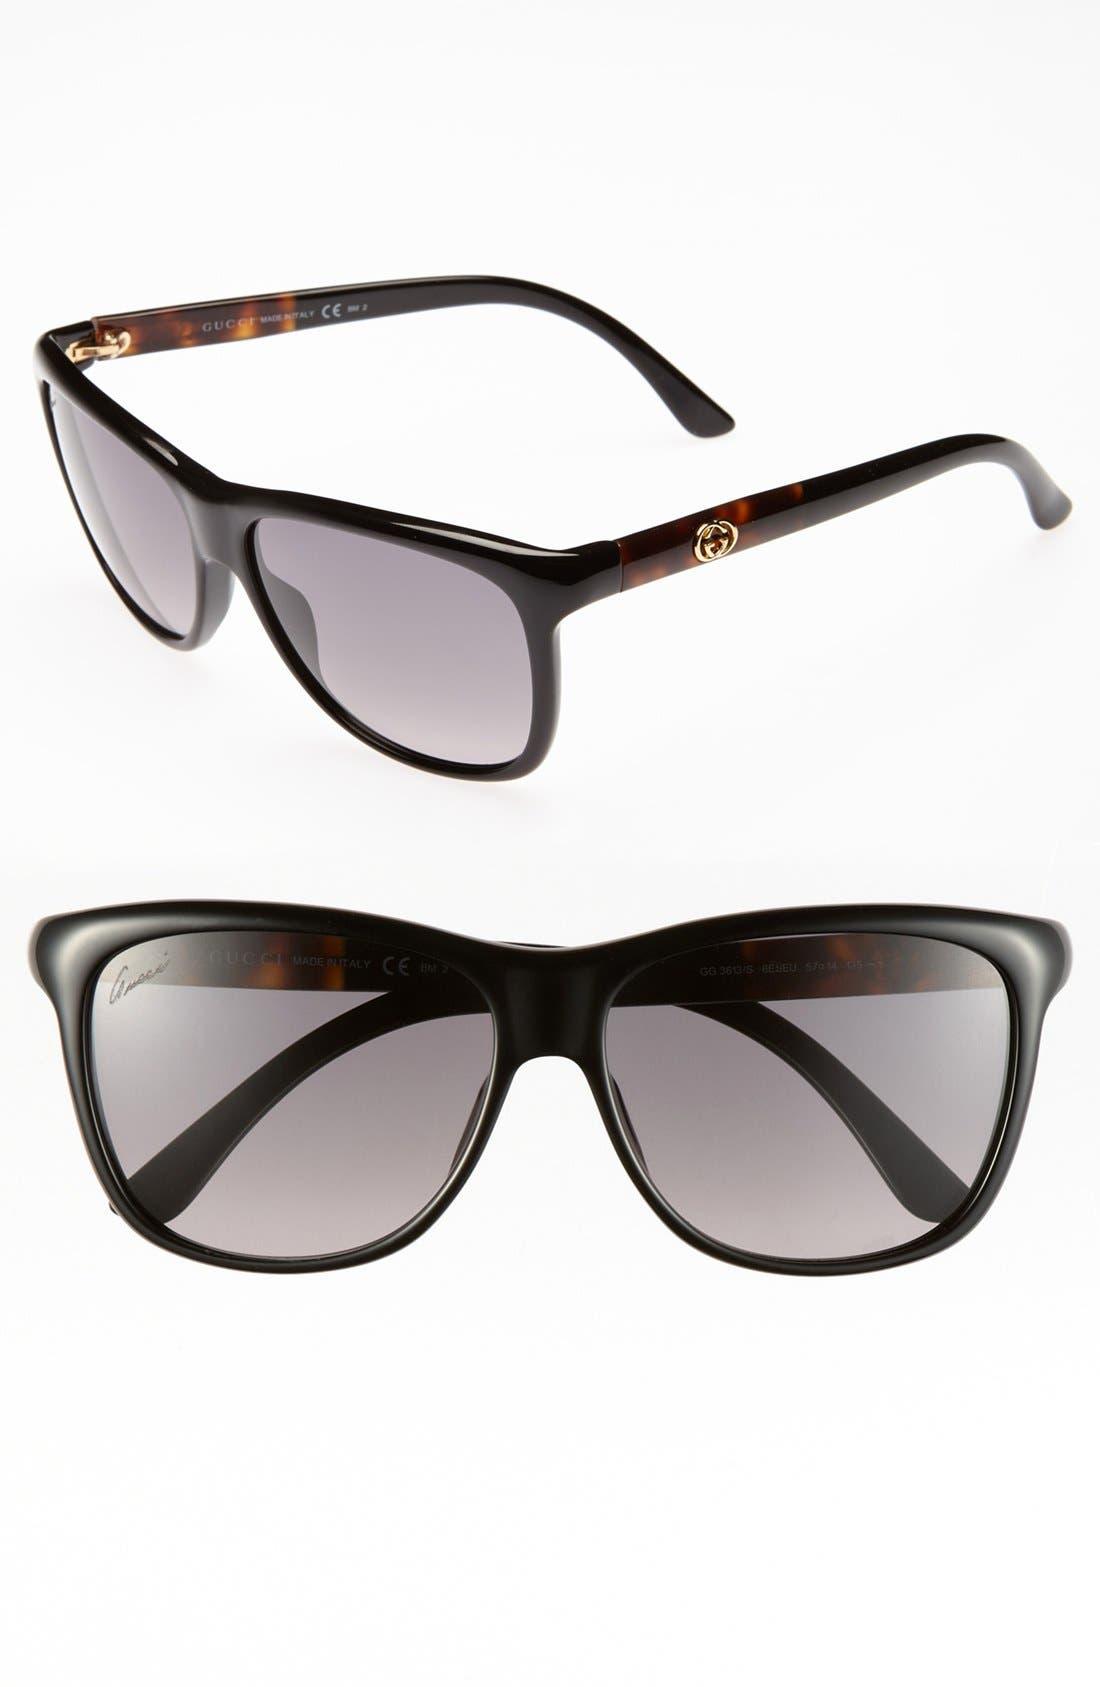 Main Image - Gucci 57mm Retro Sunglasses